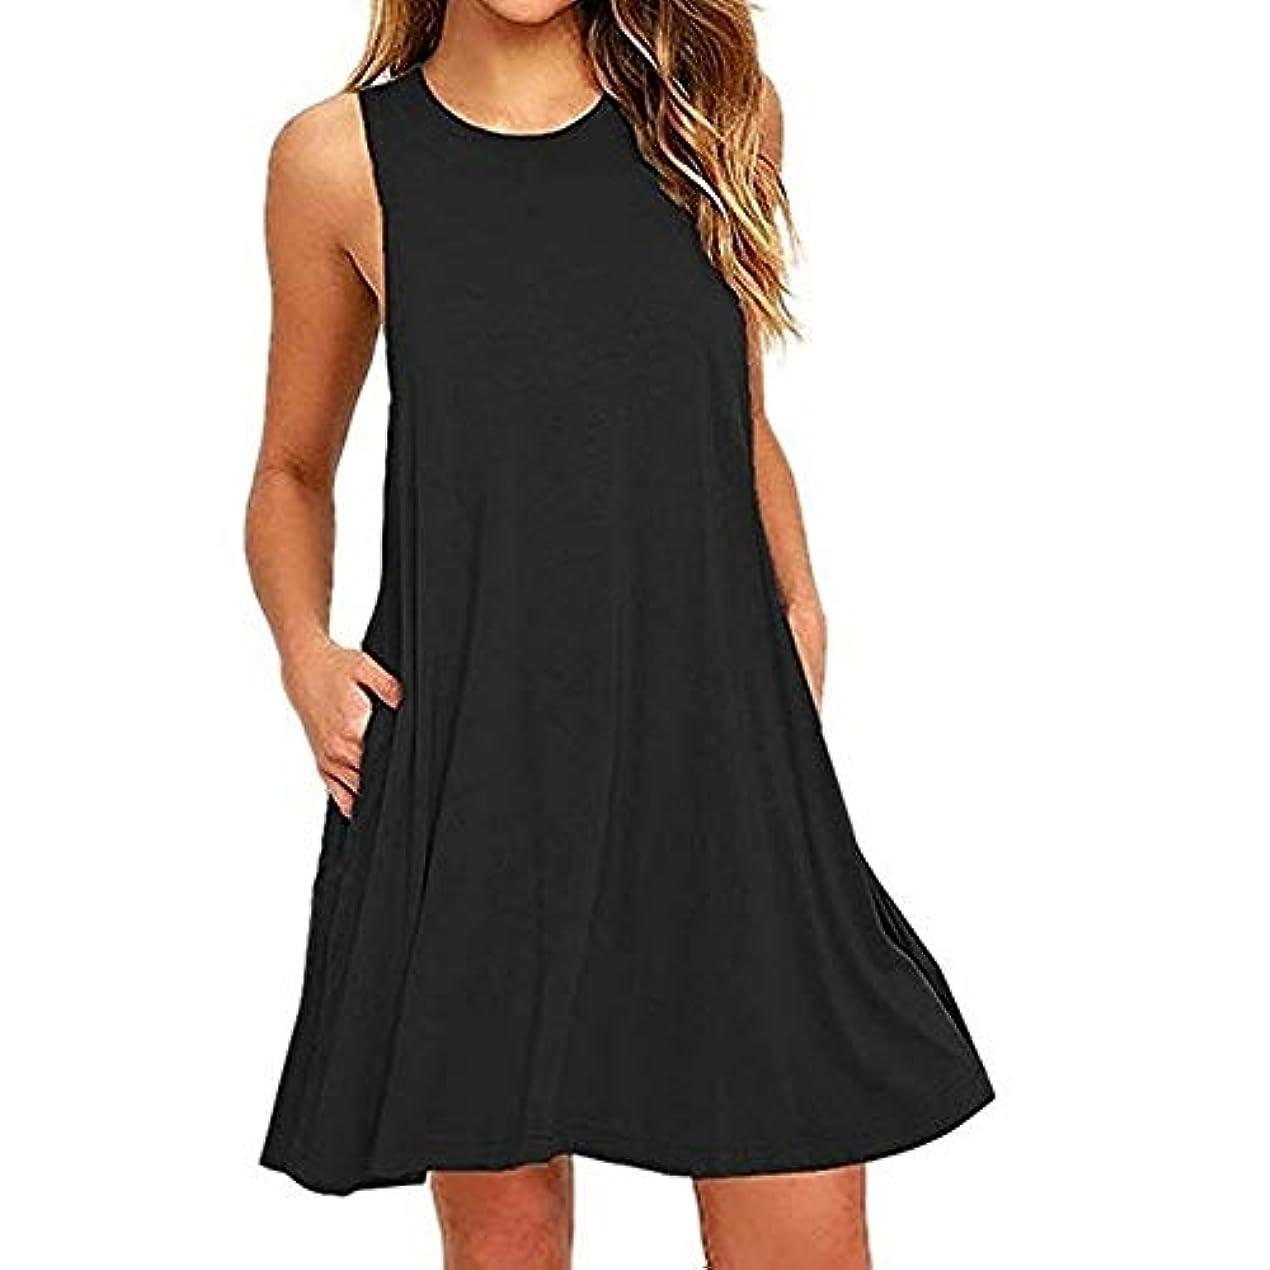 煙のれん手順MIFAN 人の女性のドレス、プラスサイズのドレス、ノースリーブのドレス、ミニドレス、ホルタードレス、コットンドレス